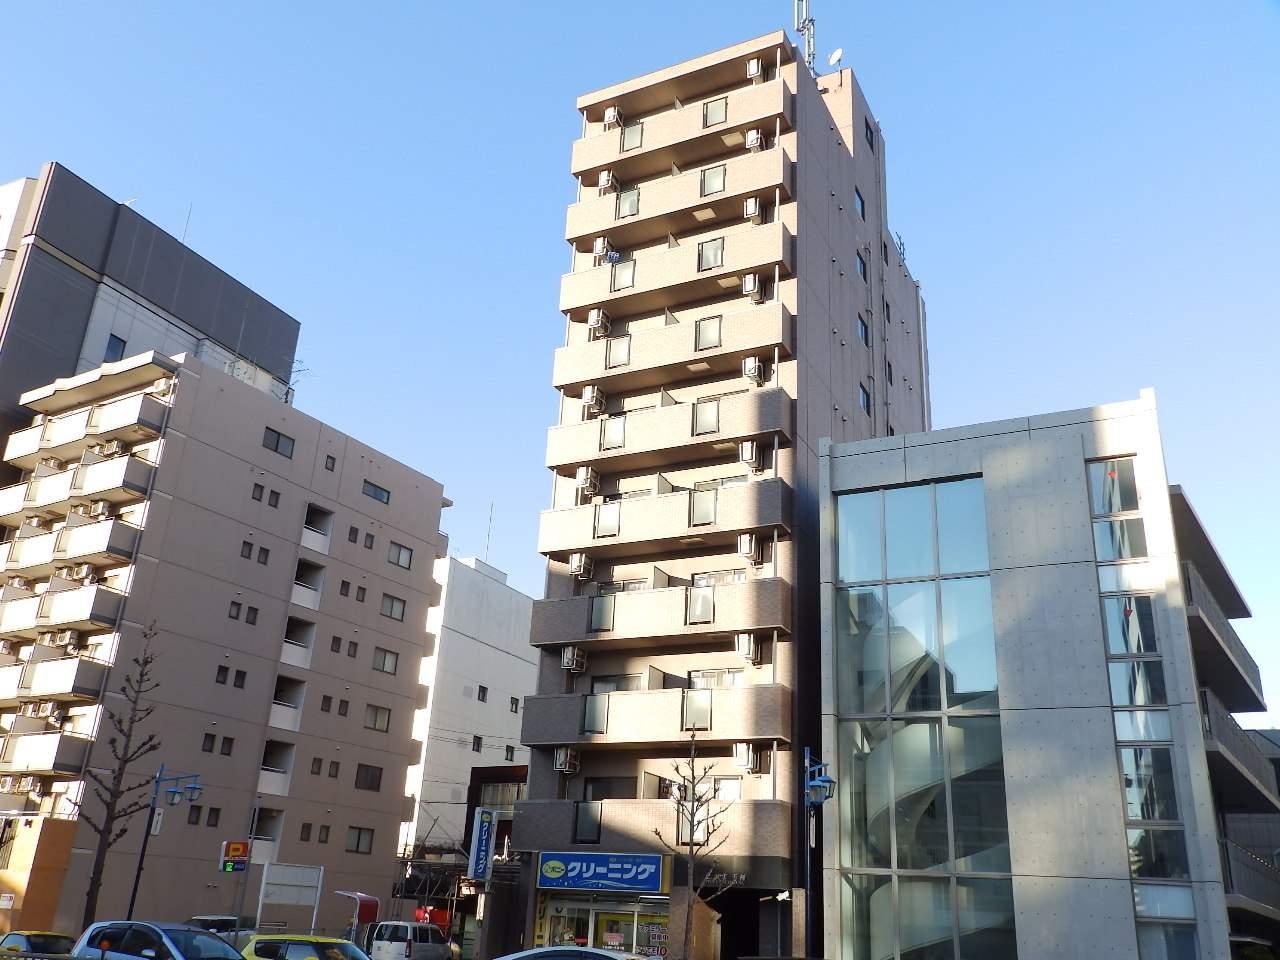 愛知県名古屋市中区、新栄町駅徒歩9分の築16年 10階建の賃貸マンション